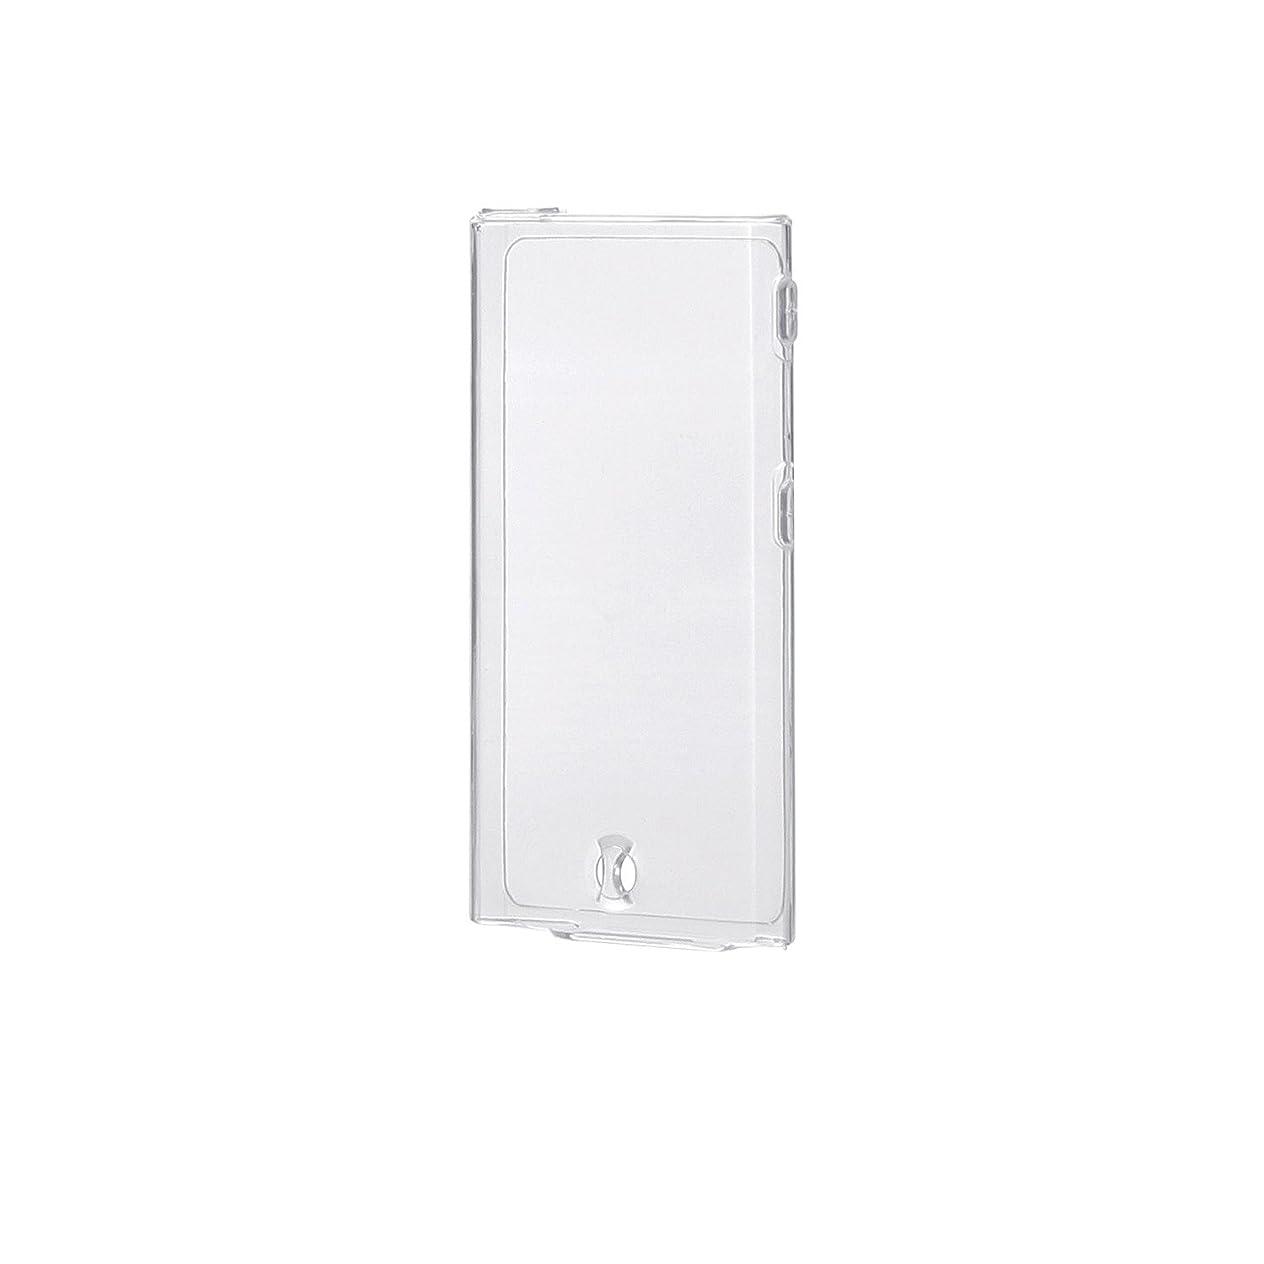 侵入湿気の多いトーストエレコム iPod nano 【第7世代】 ソフトカバー TPU素材 スリムタイプ クリア AVA-N17UCUCR